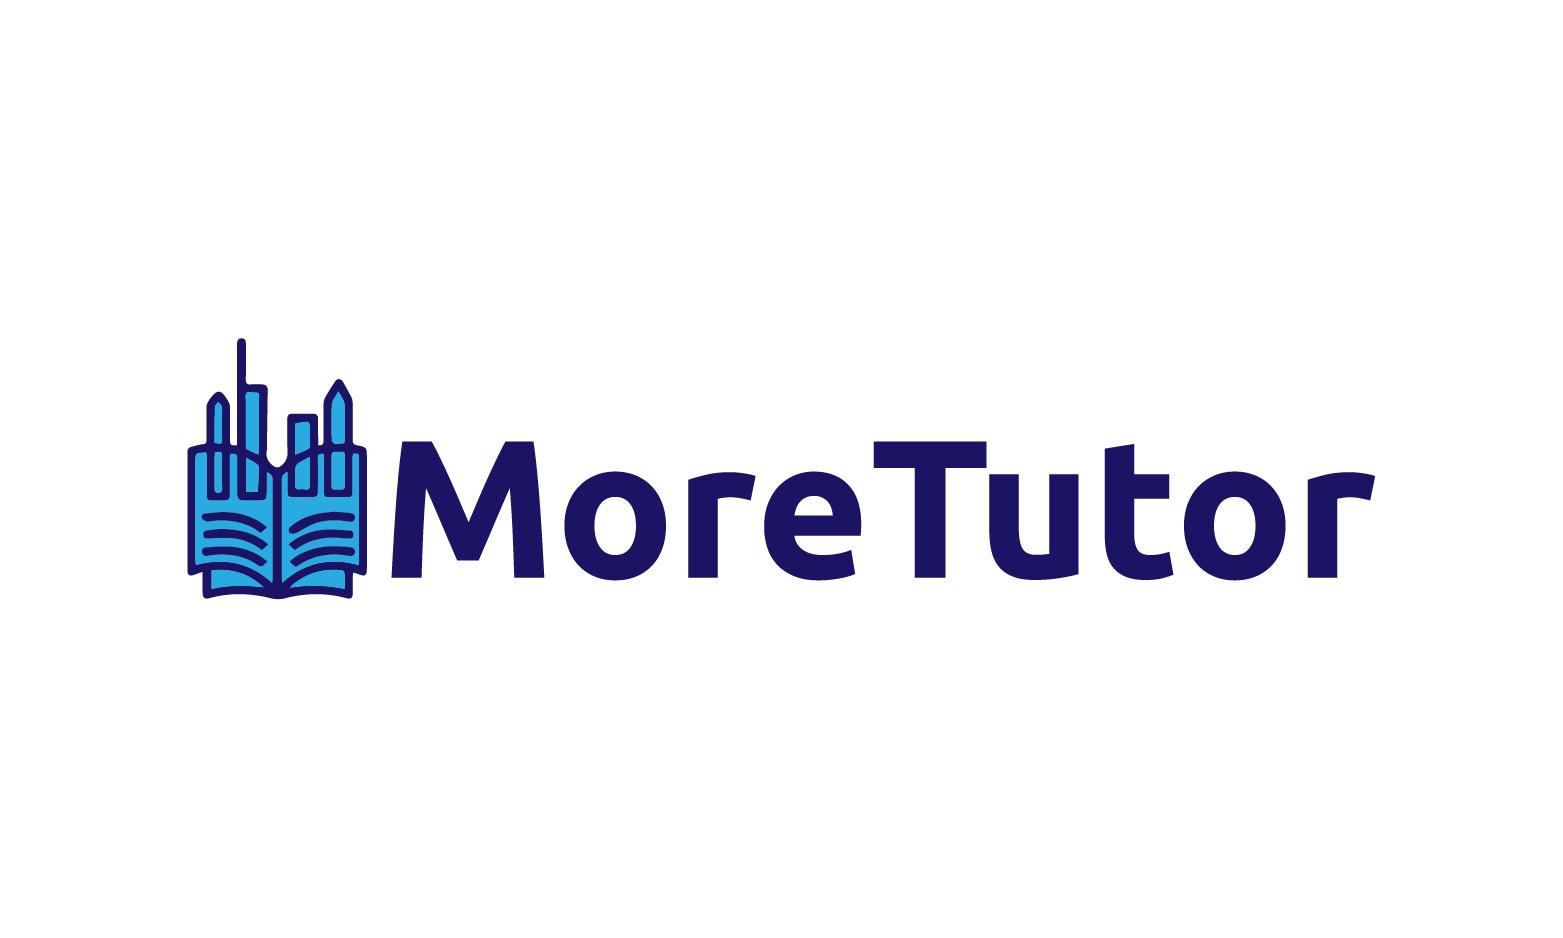 MoreTutor.com